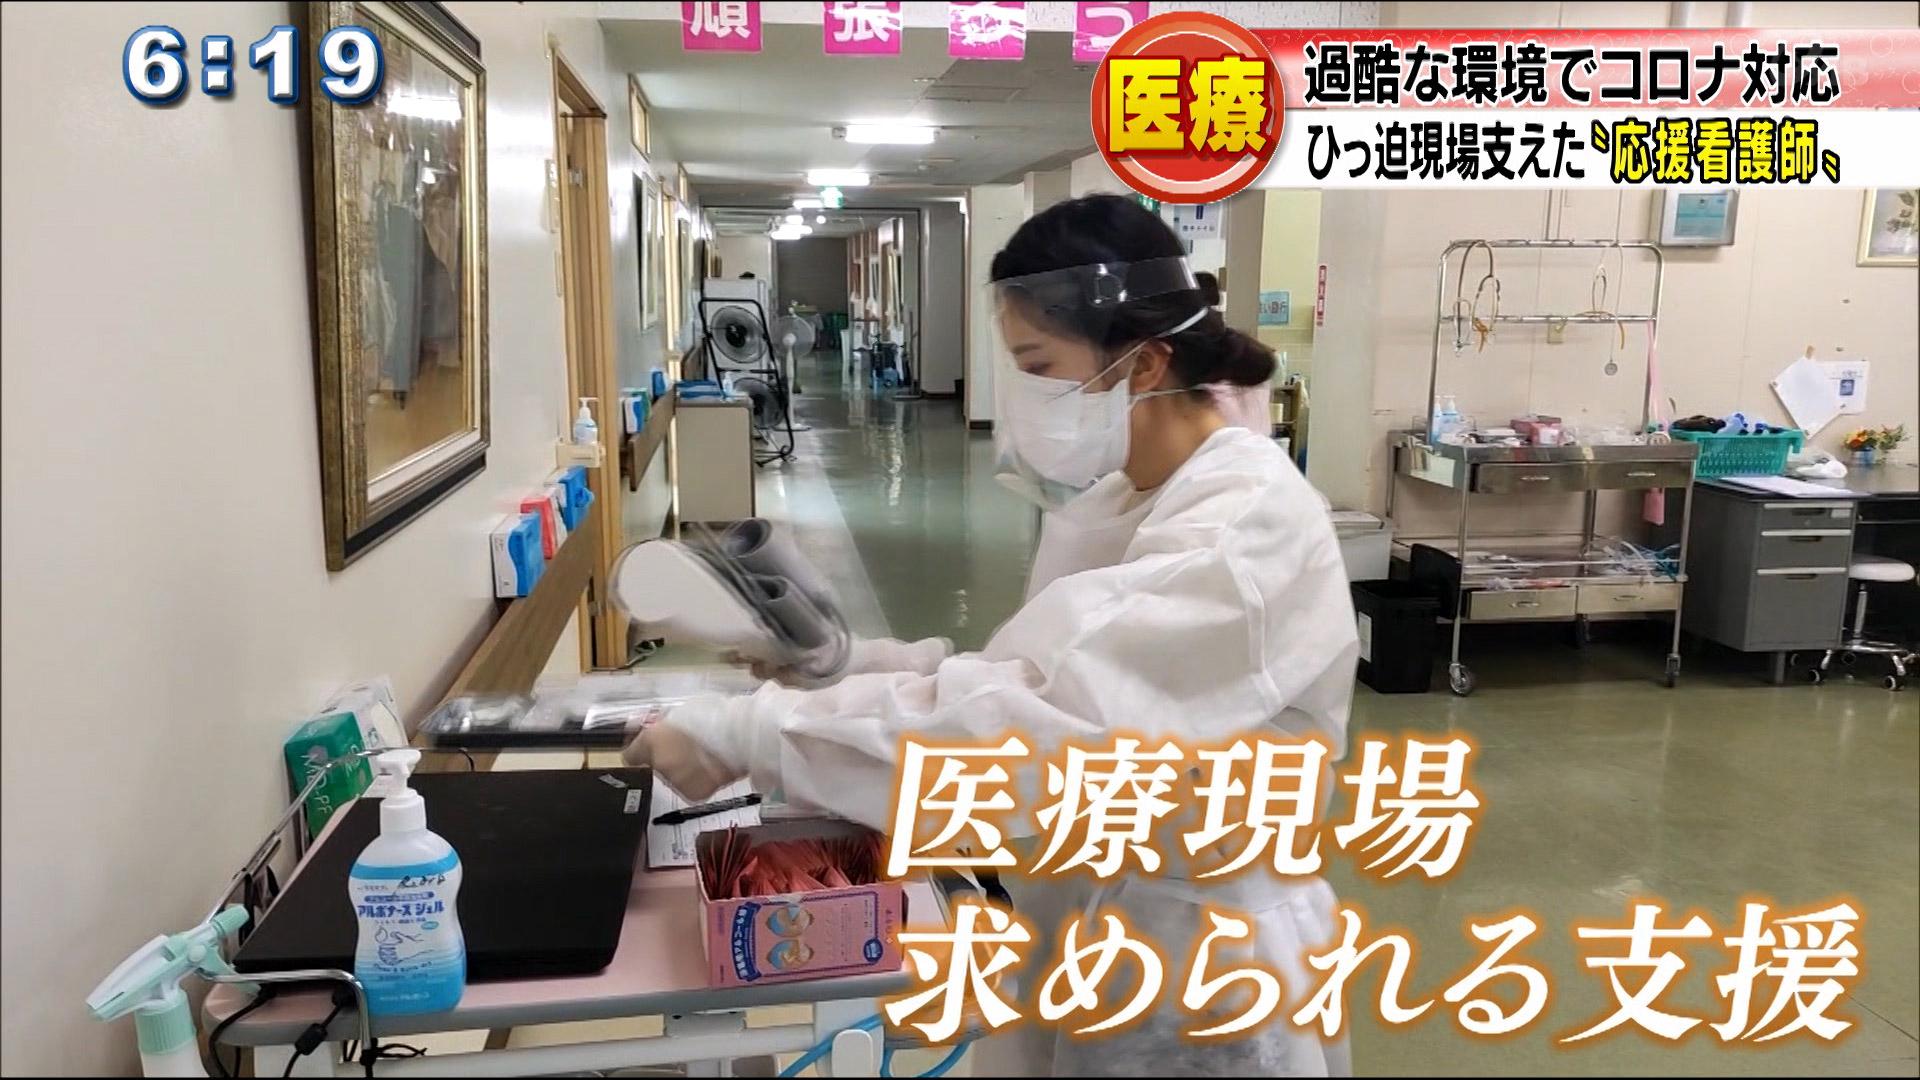 過酷な環境で2週間「応援看護師」